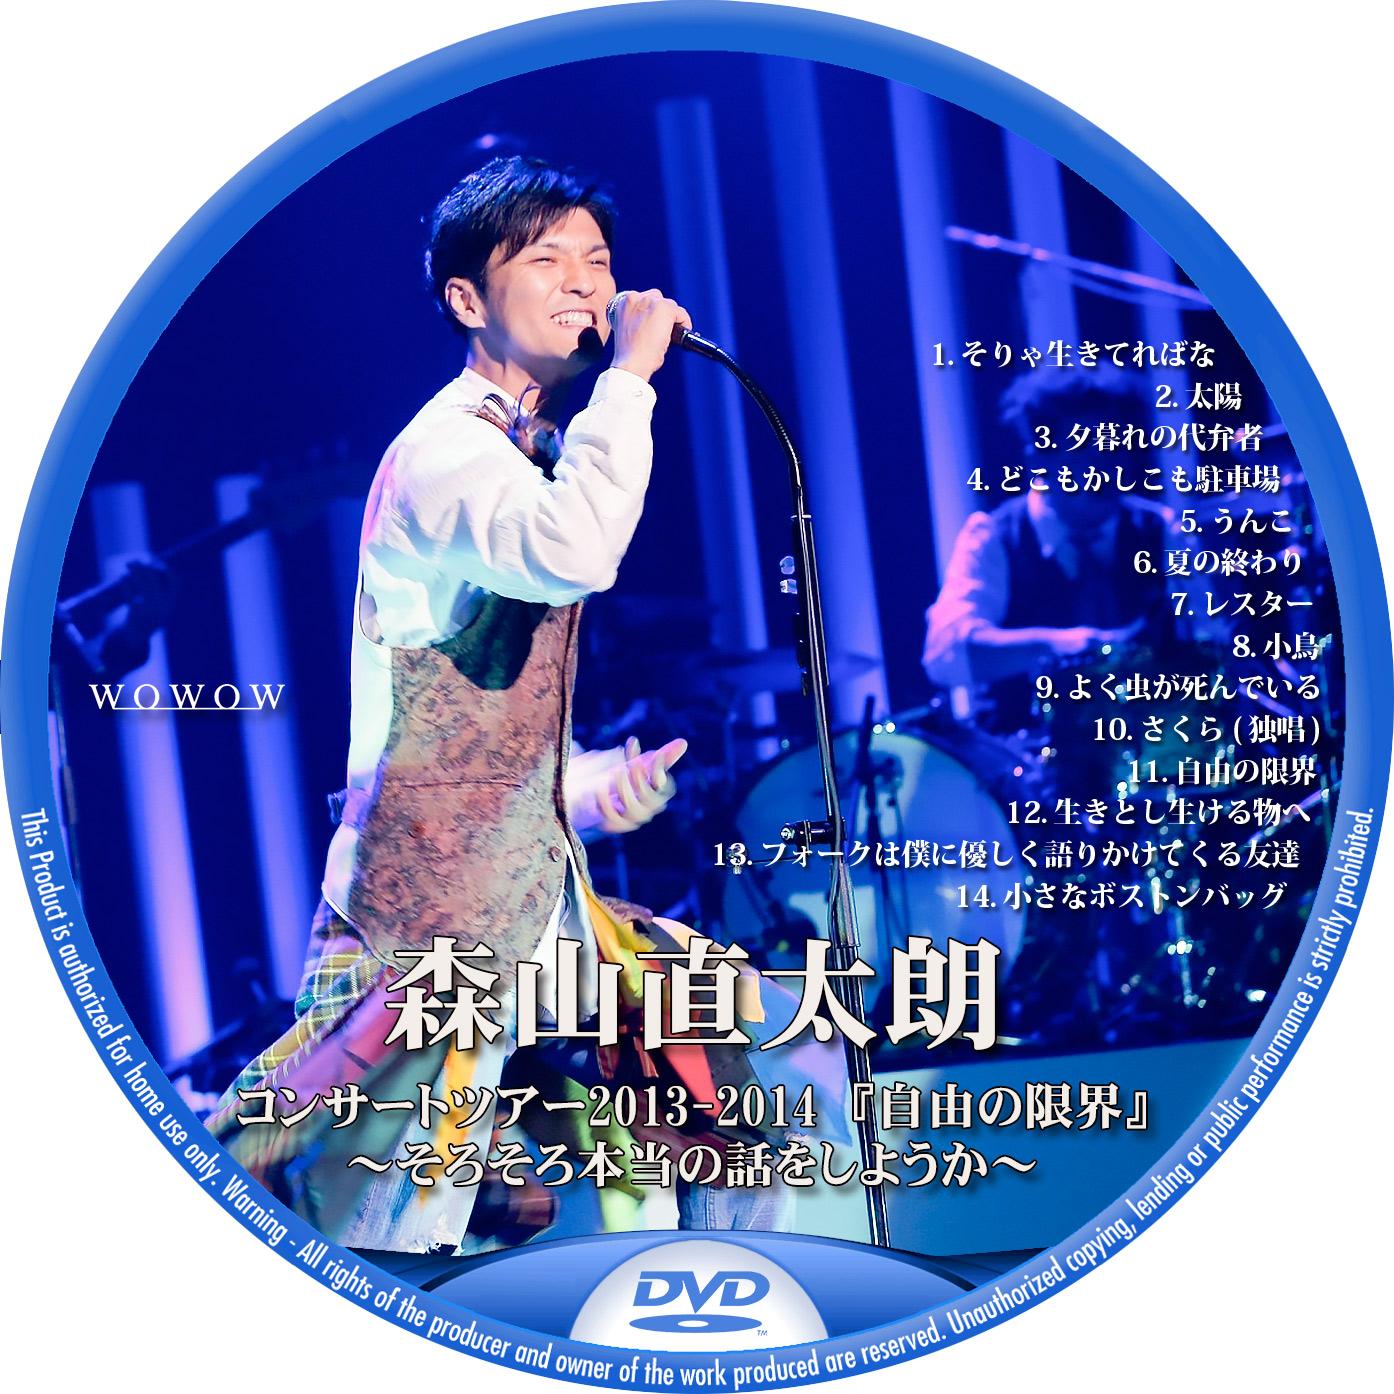 森山直太朗 WOWOW ライブ DVDラベル そろそろ本当の俺の話をしようか